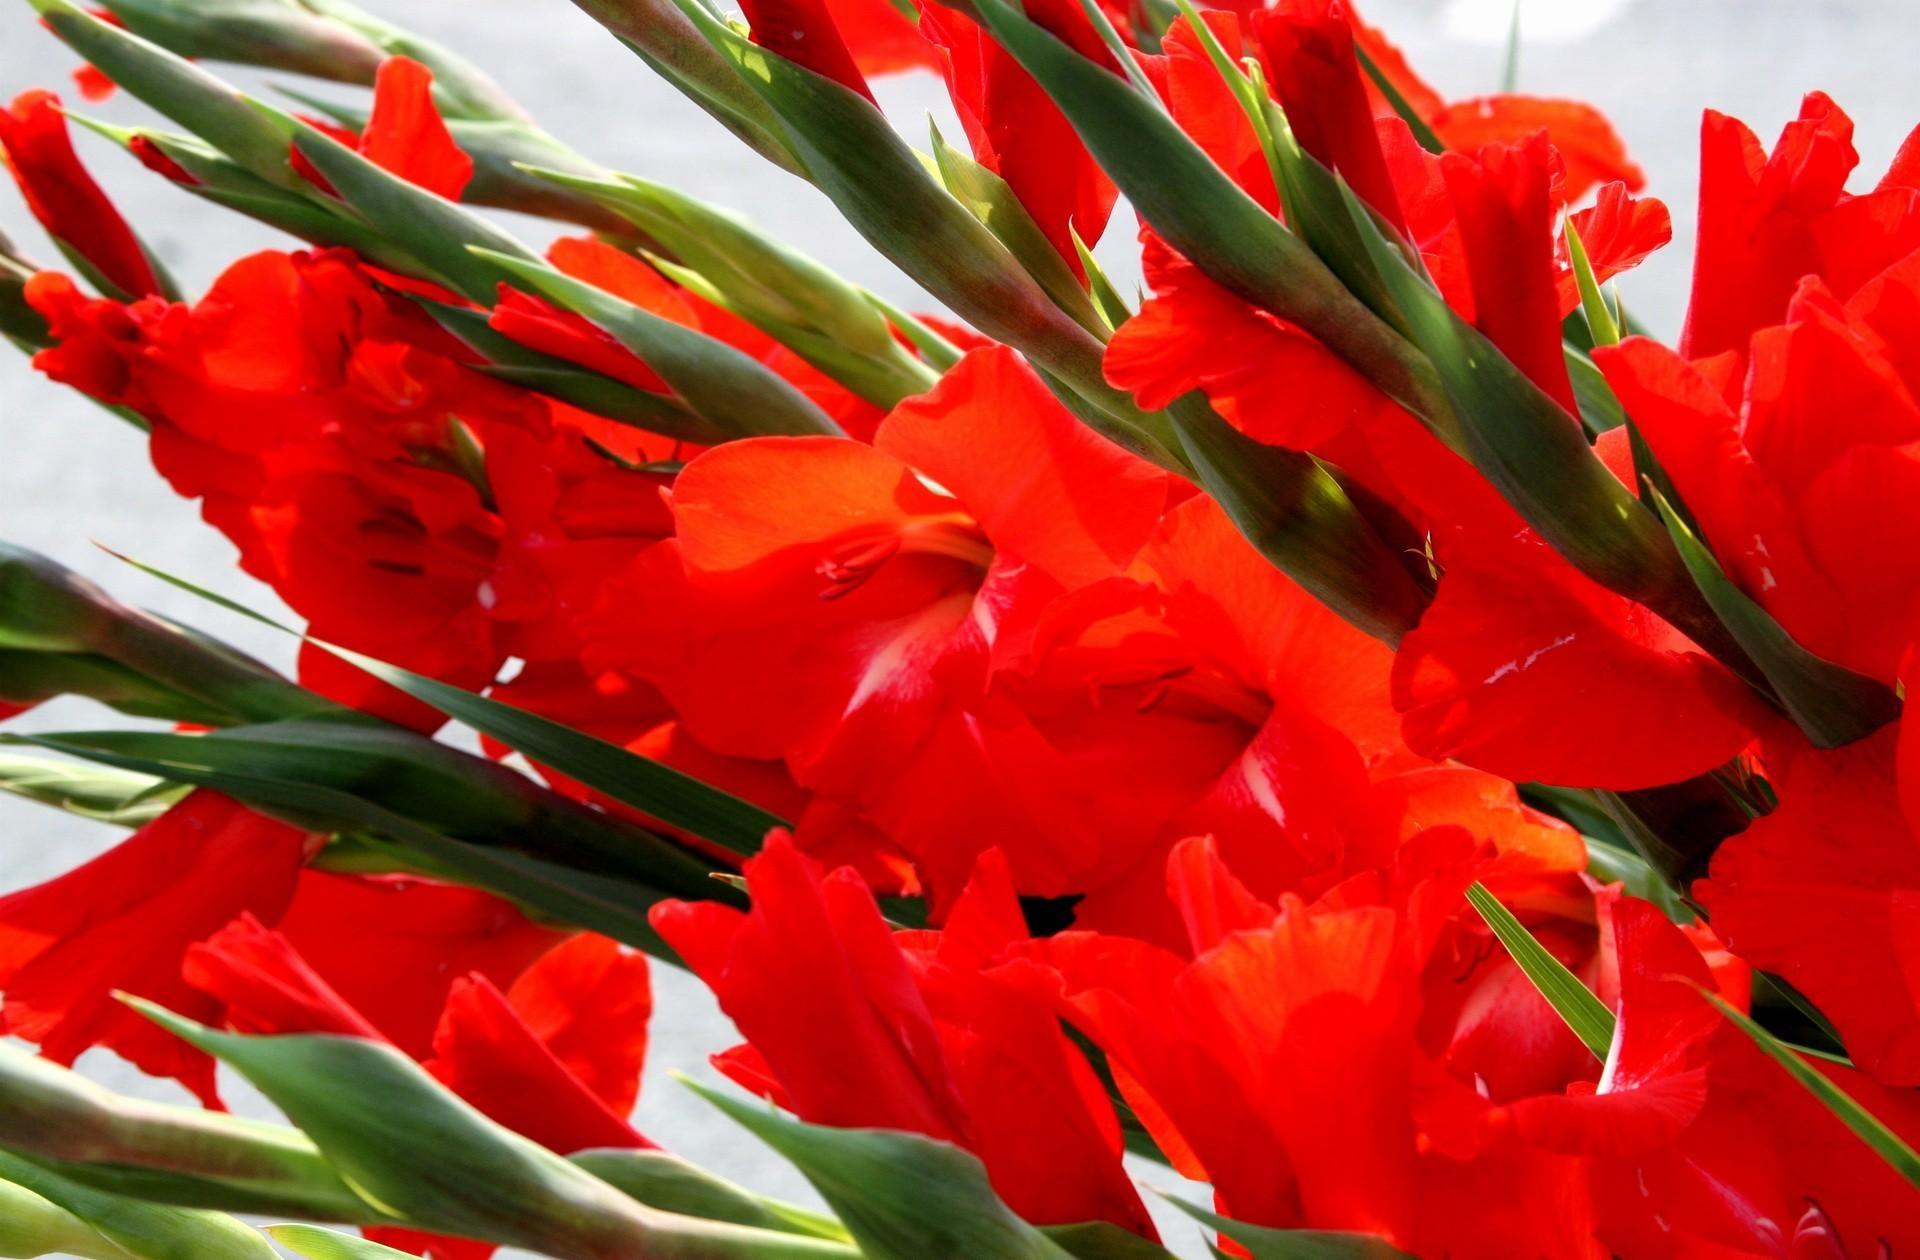 открытки цветы гладиолусы поучительные предсказания были